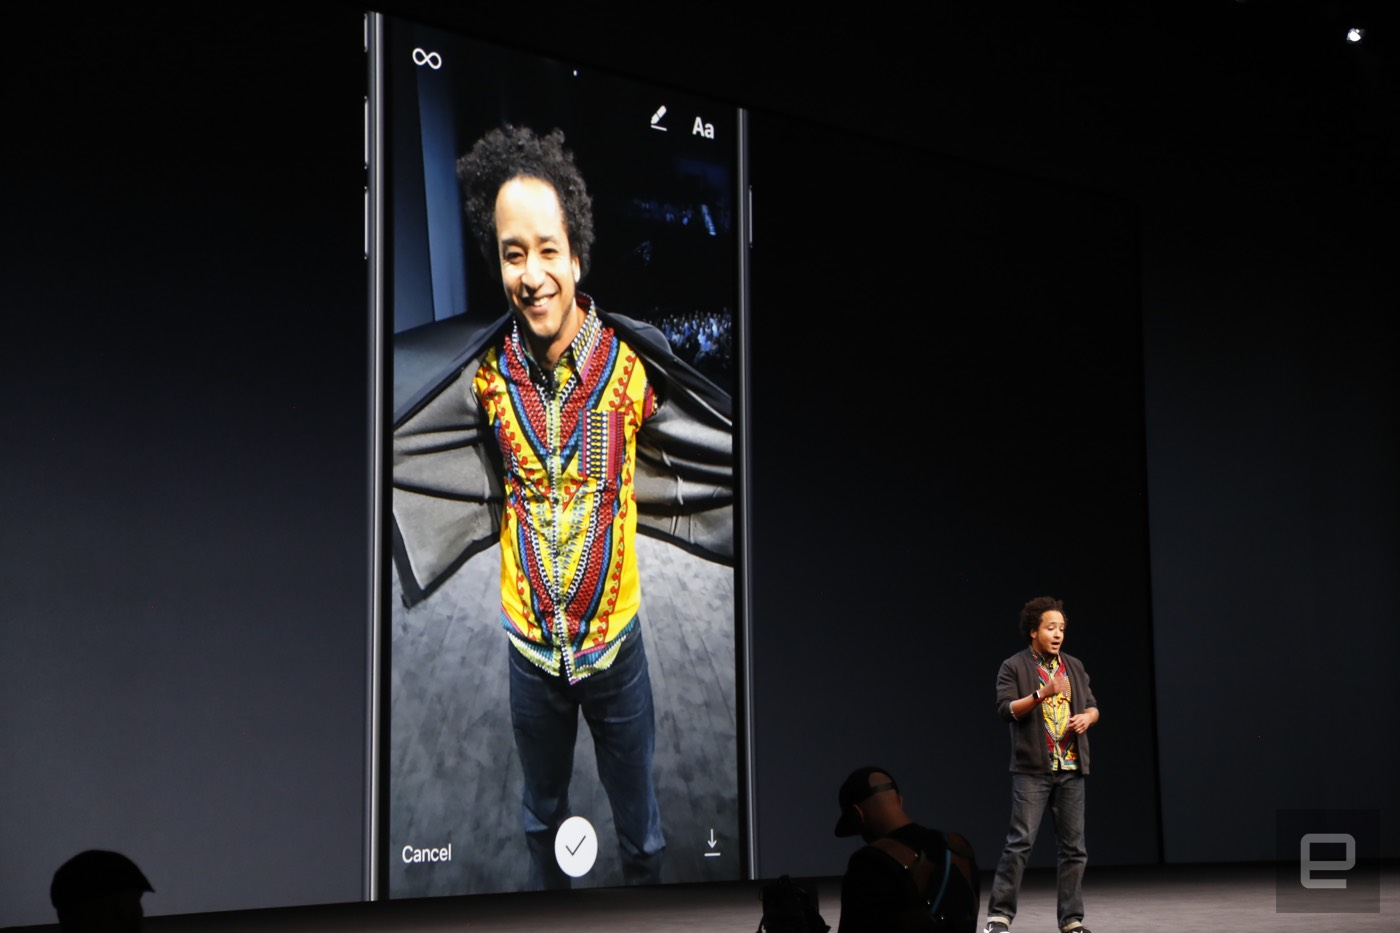 اینستاگرام از قابلیتهای جدید دوربین آیفون ۷ پشتیبانی میکند